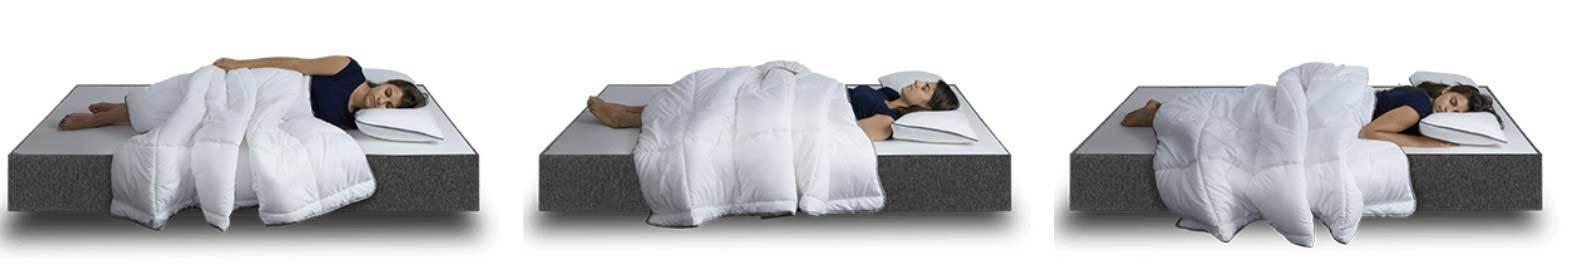 oreiller pour dormir sur le c t ergonomique ou mod le. Black Bedroom Furniture Sets. Home Design Ideas